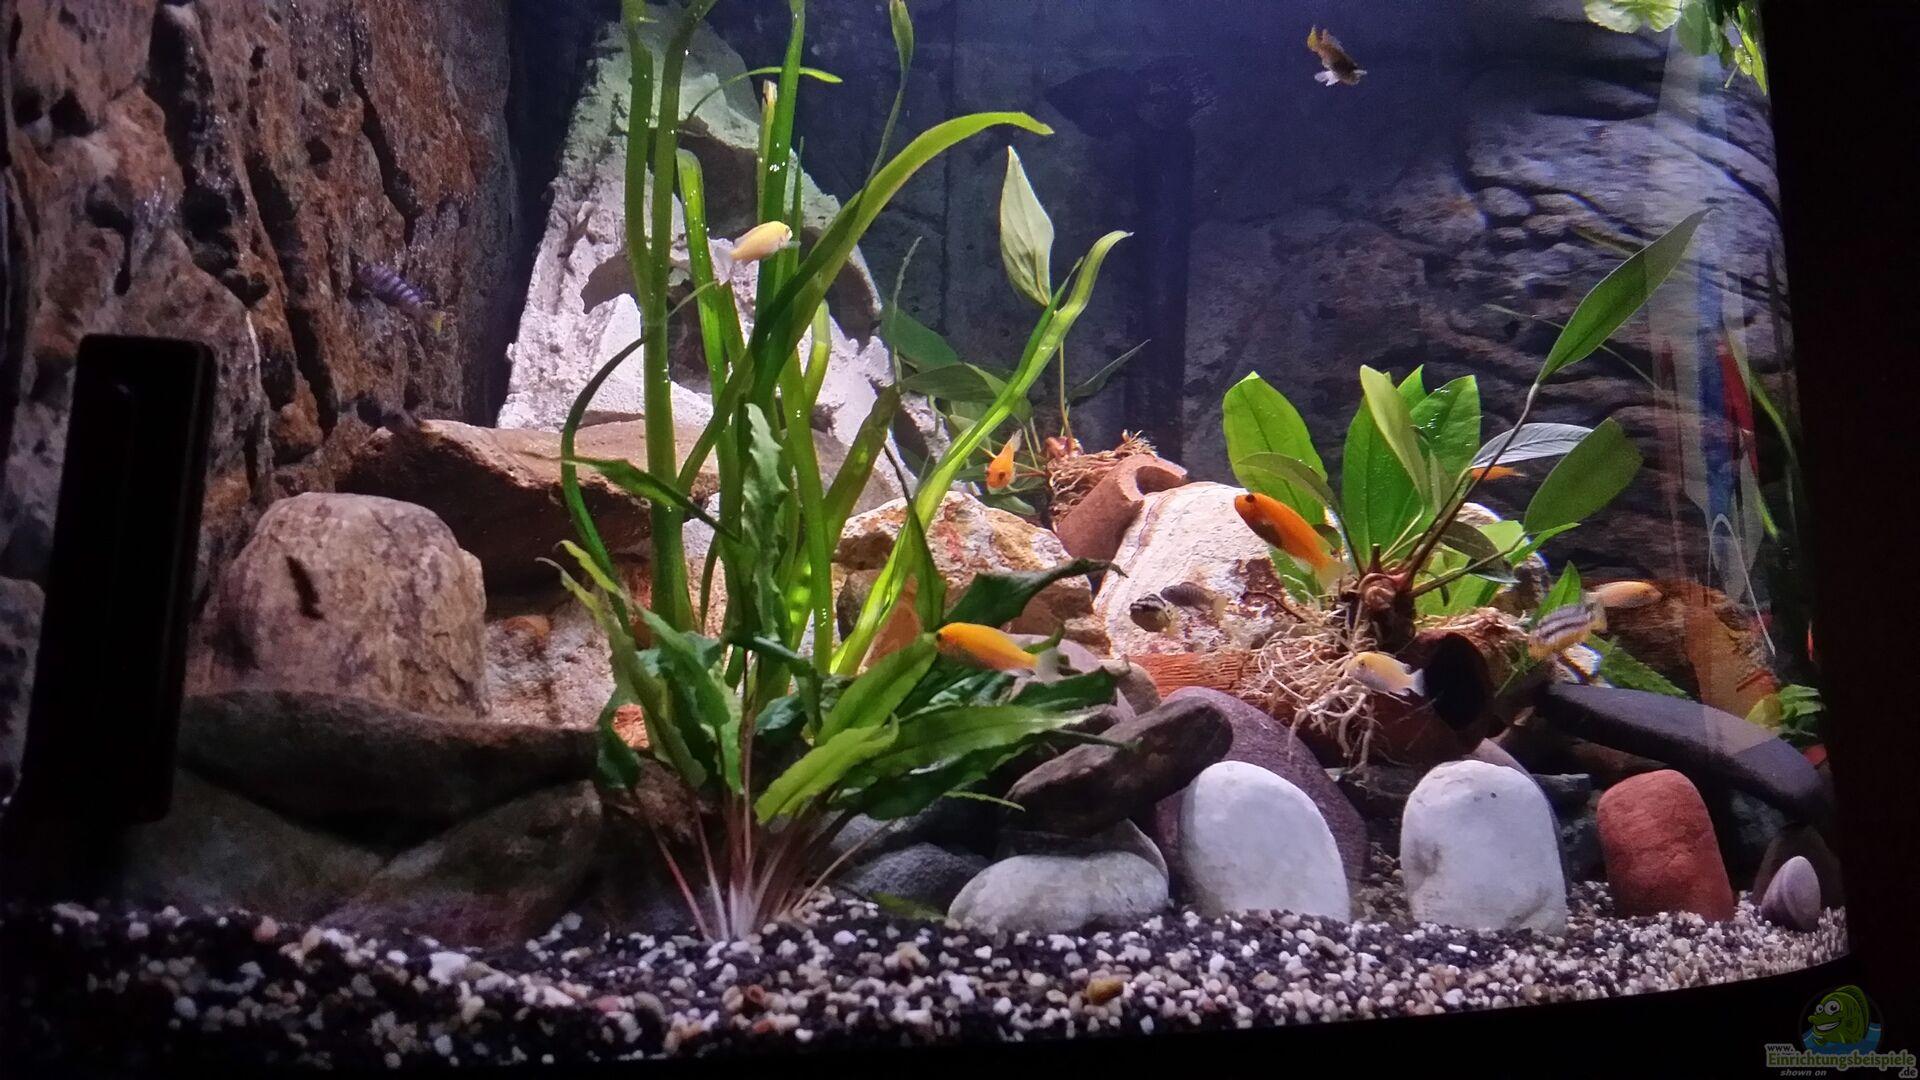 pflanzen im aquarium fluval venezia 350 eckaquarium aus fluval venezia 350 eckaquarium von. Black Bedroom Furniture Sets. Home Design Ideas